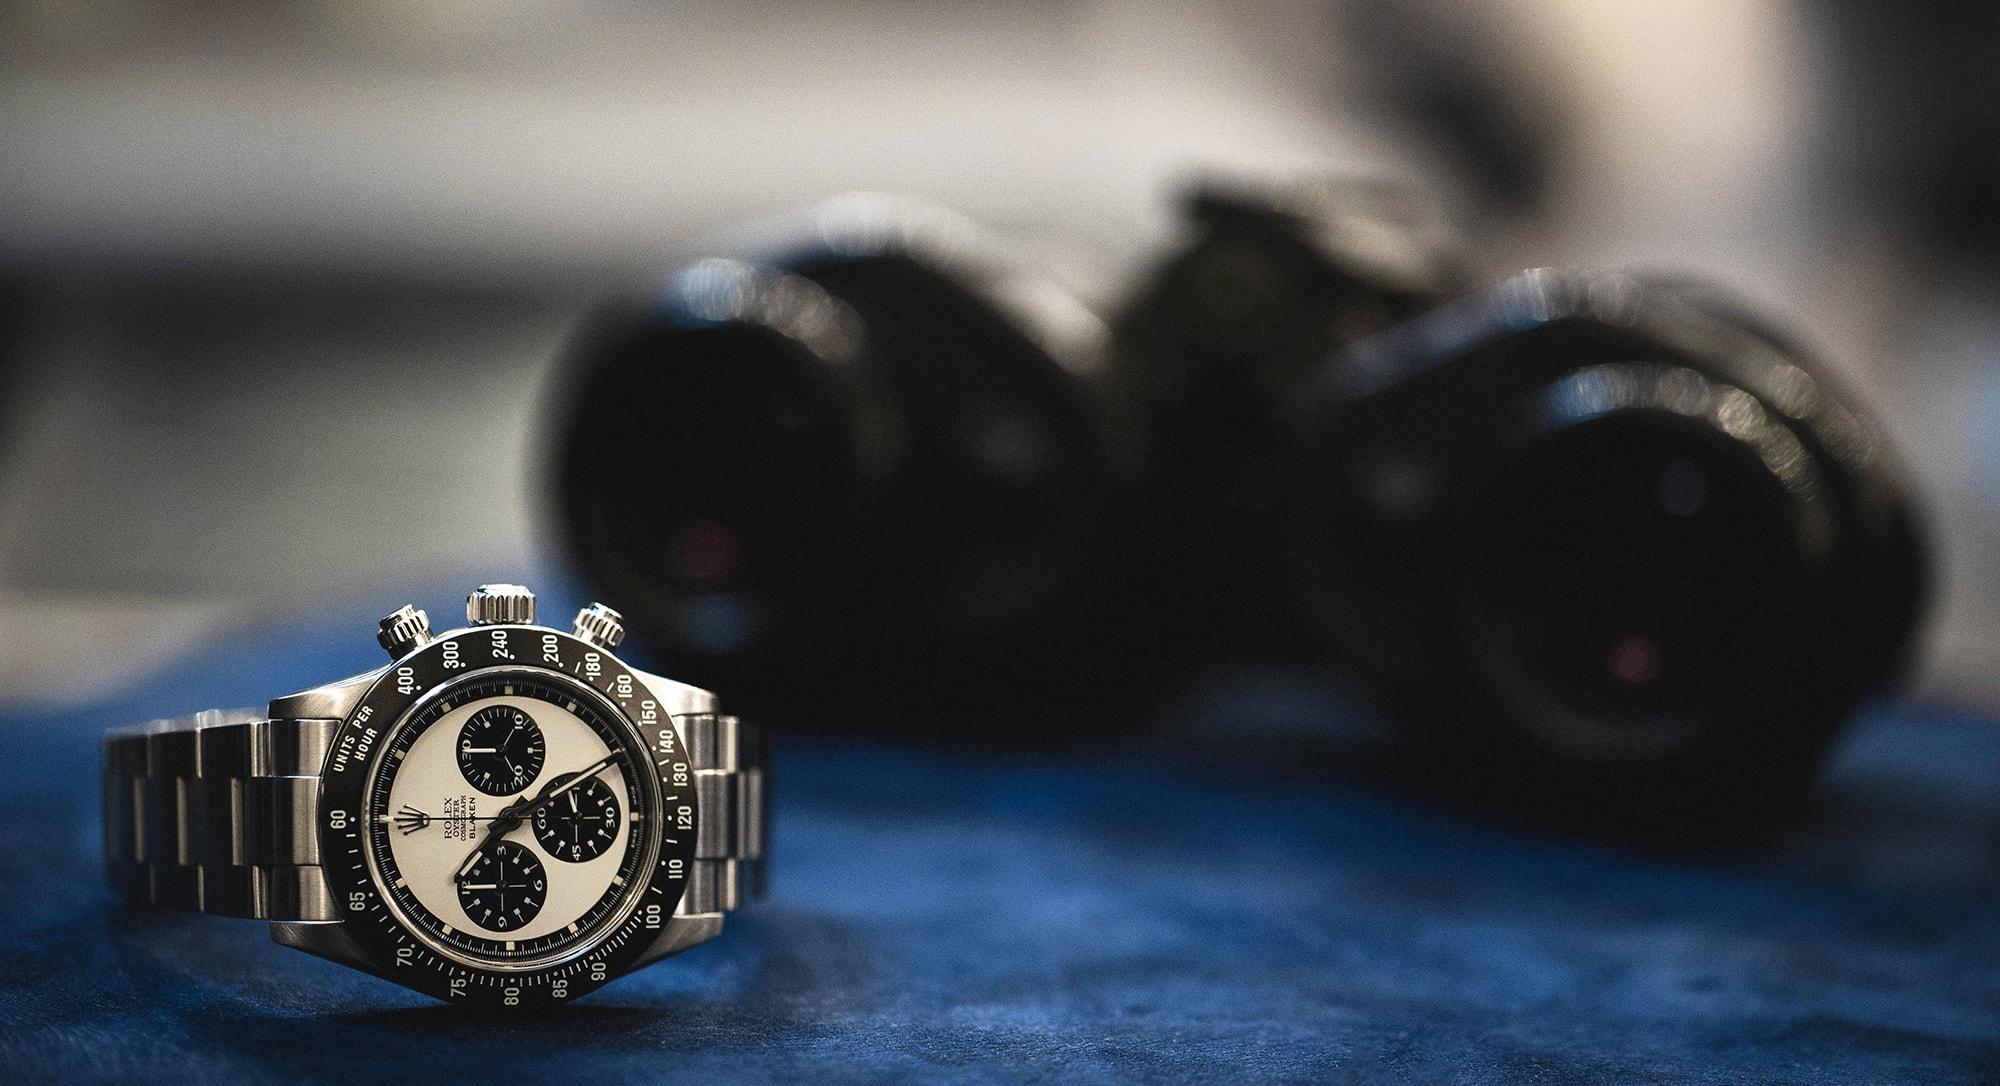 大人之見學 - Rolex 改裝定製世界研習